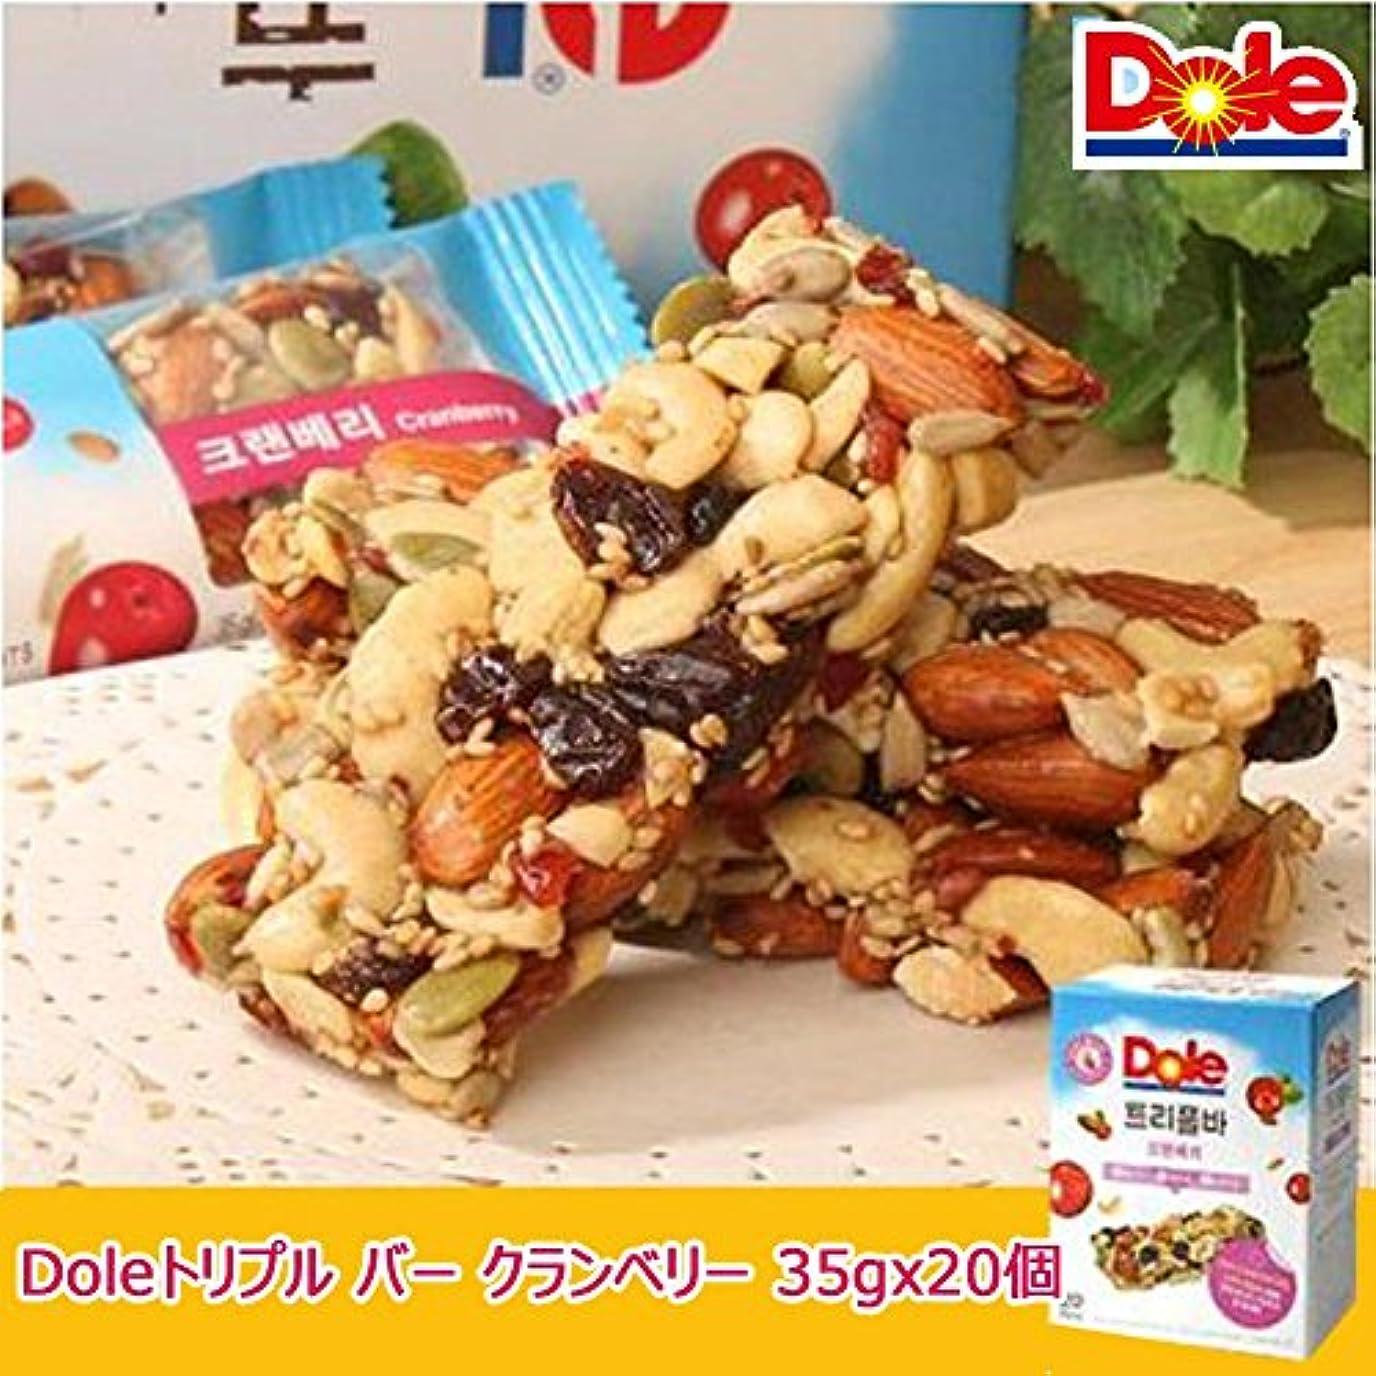 周囲理解カビ【ドール/Dole] Dole Triple Bar ドール トリプルバークランベリー35g x20個/3つのナットと3つのフルーツ、3つの種子で作成は栄養がたっぷり詰まったDiet Bar栄養バー[健康&ダイエット製品...